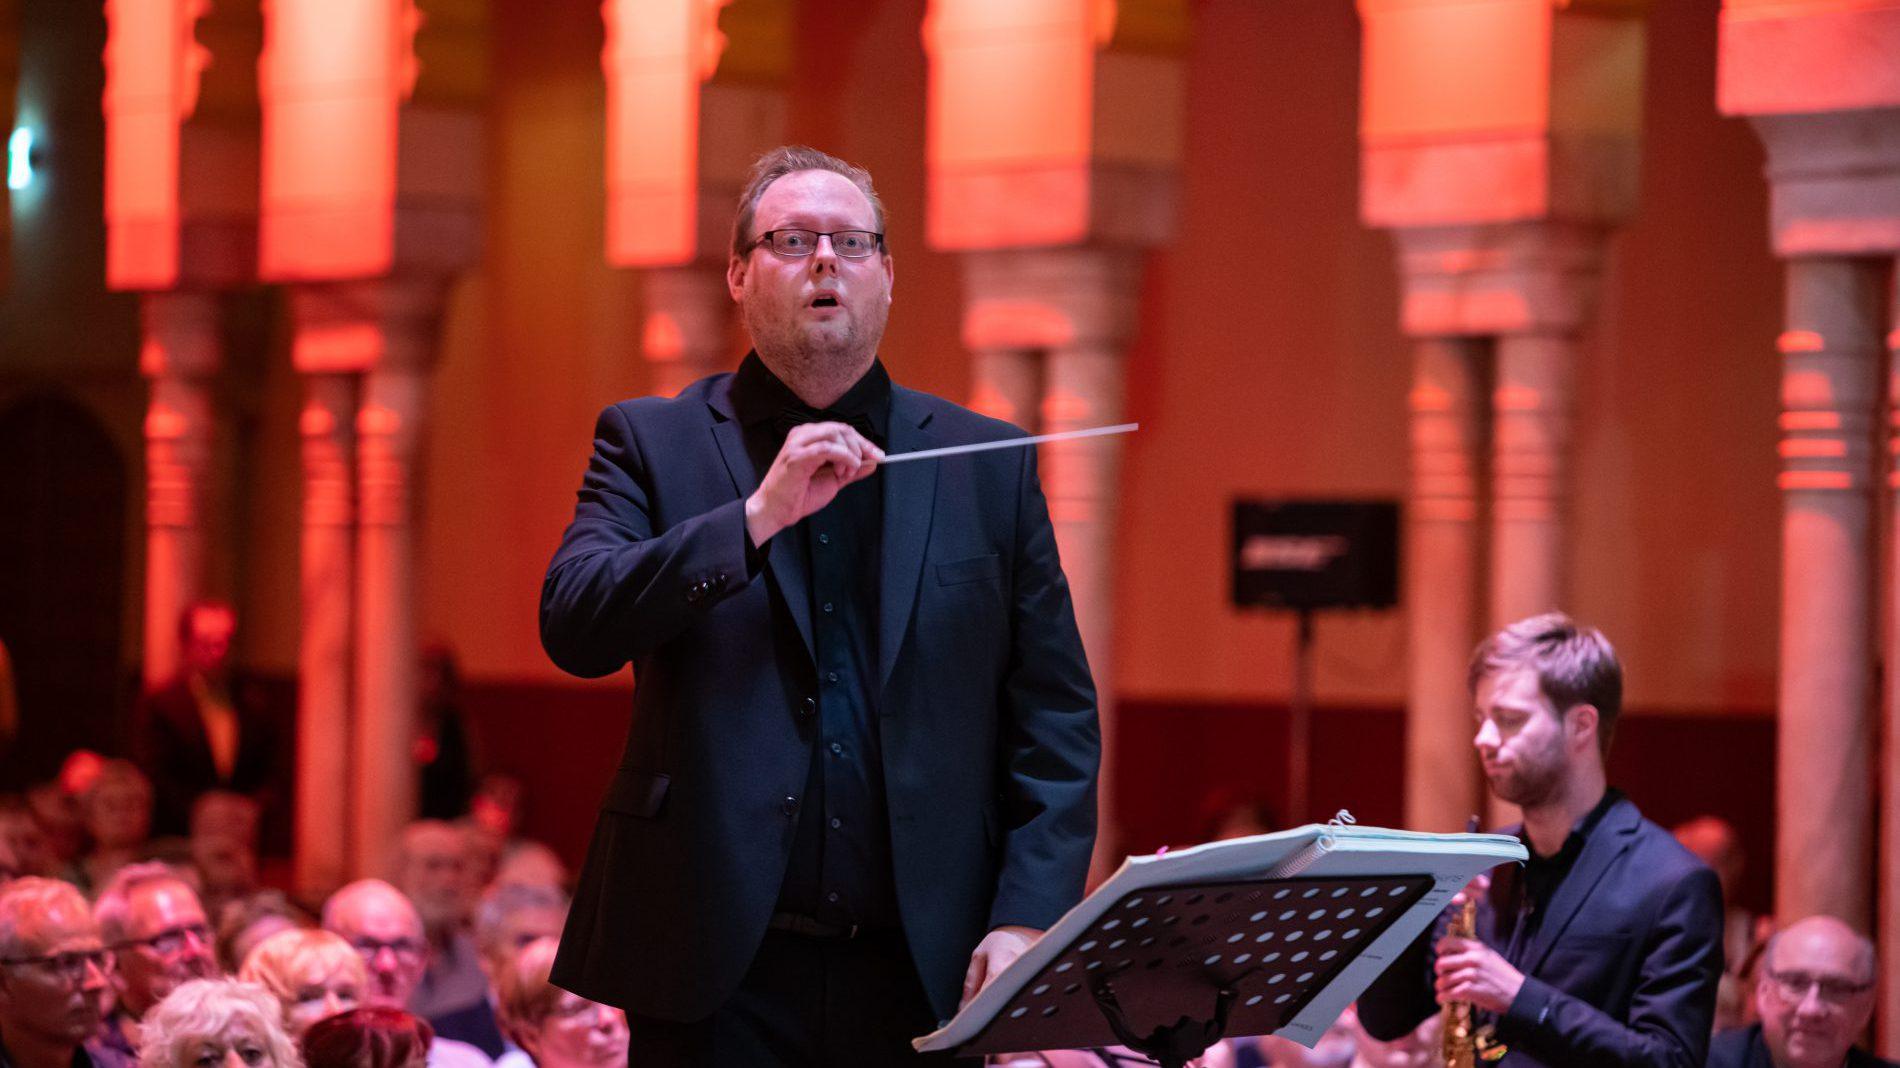 Steven van Kempen dirigent met dirigent stok